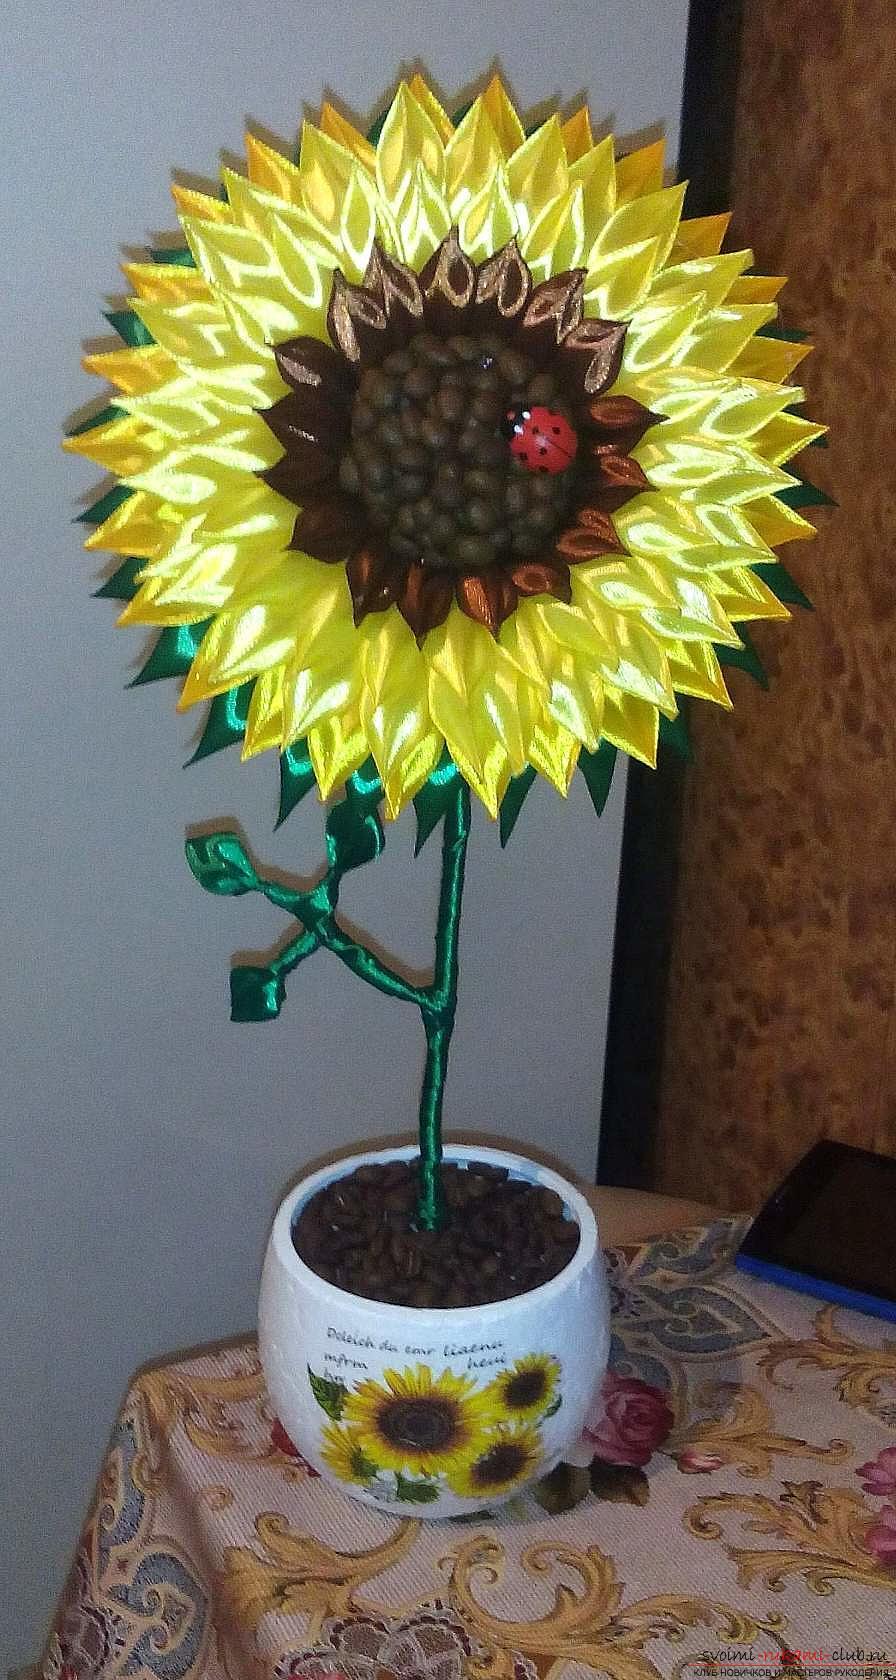 Кофейный топиарий: пошаговый мастер-класс как сделать маленькое декоративное дерево из кофейных зерен